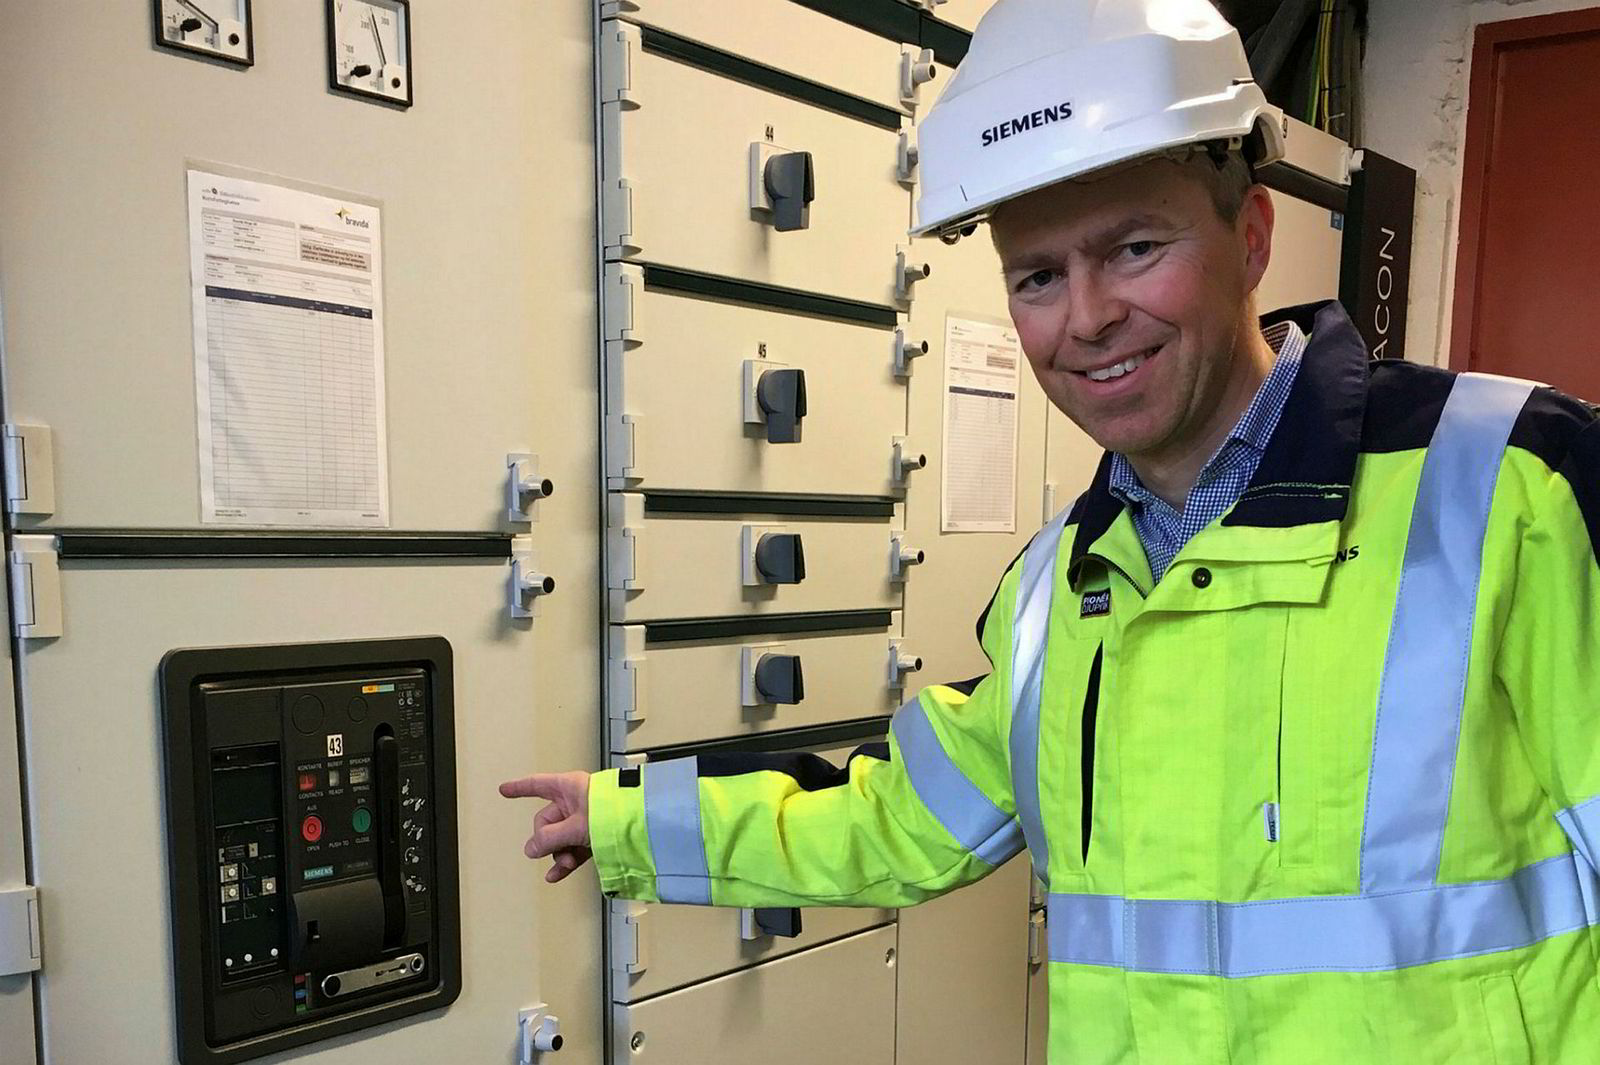 Andreas Lien i Siemens mener vi kan bruke strømnettet smartere.